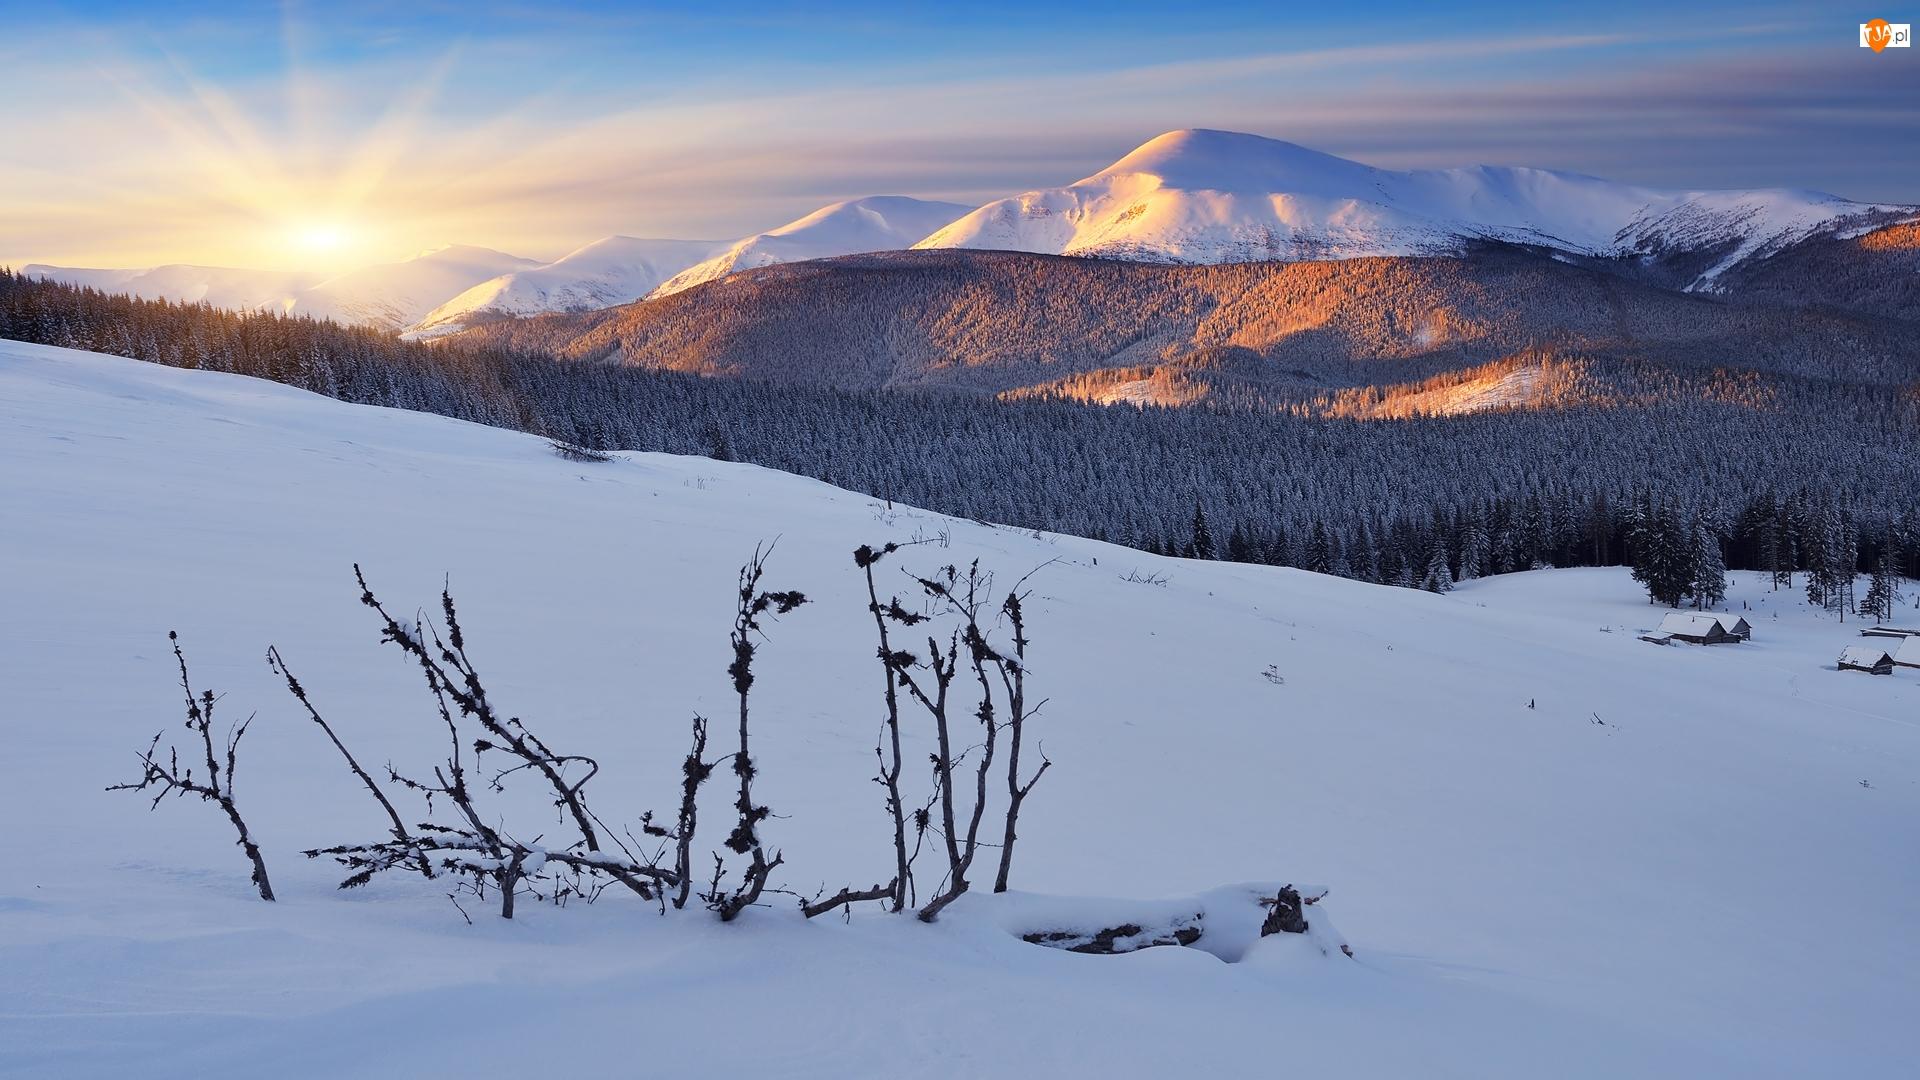 Las, Wschód słońca, Góry Karpaty, Ukraina, Zima